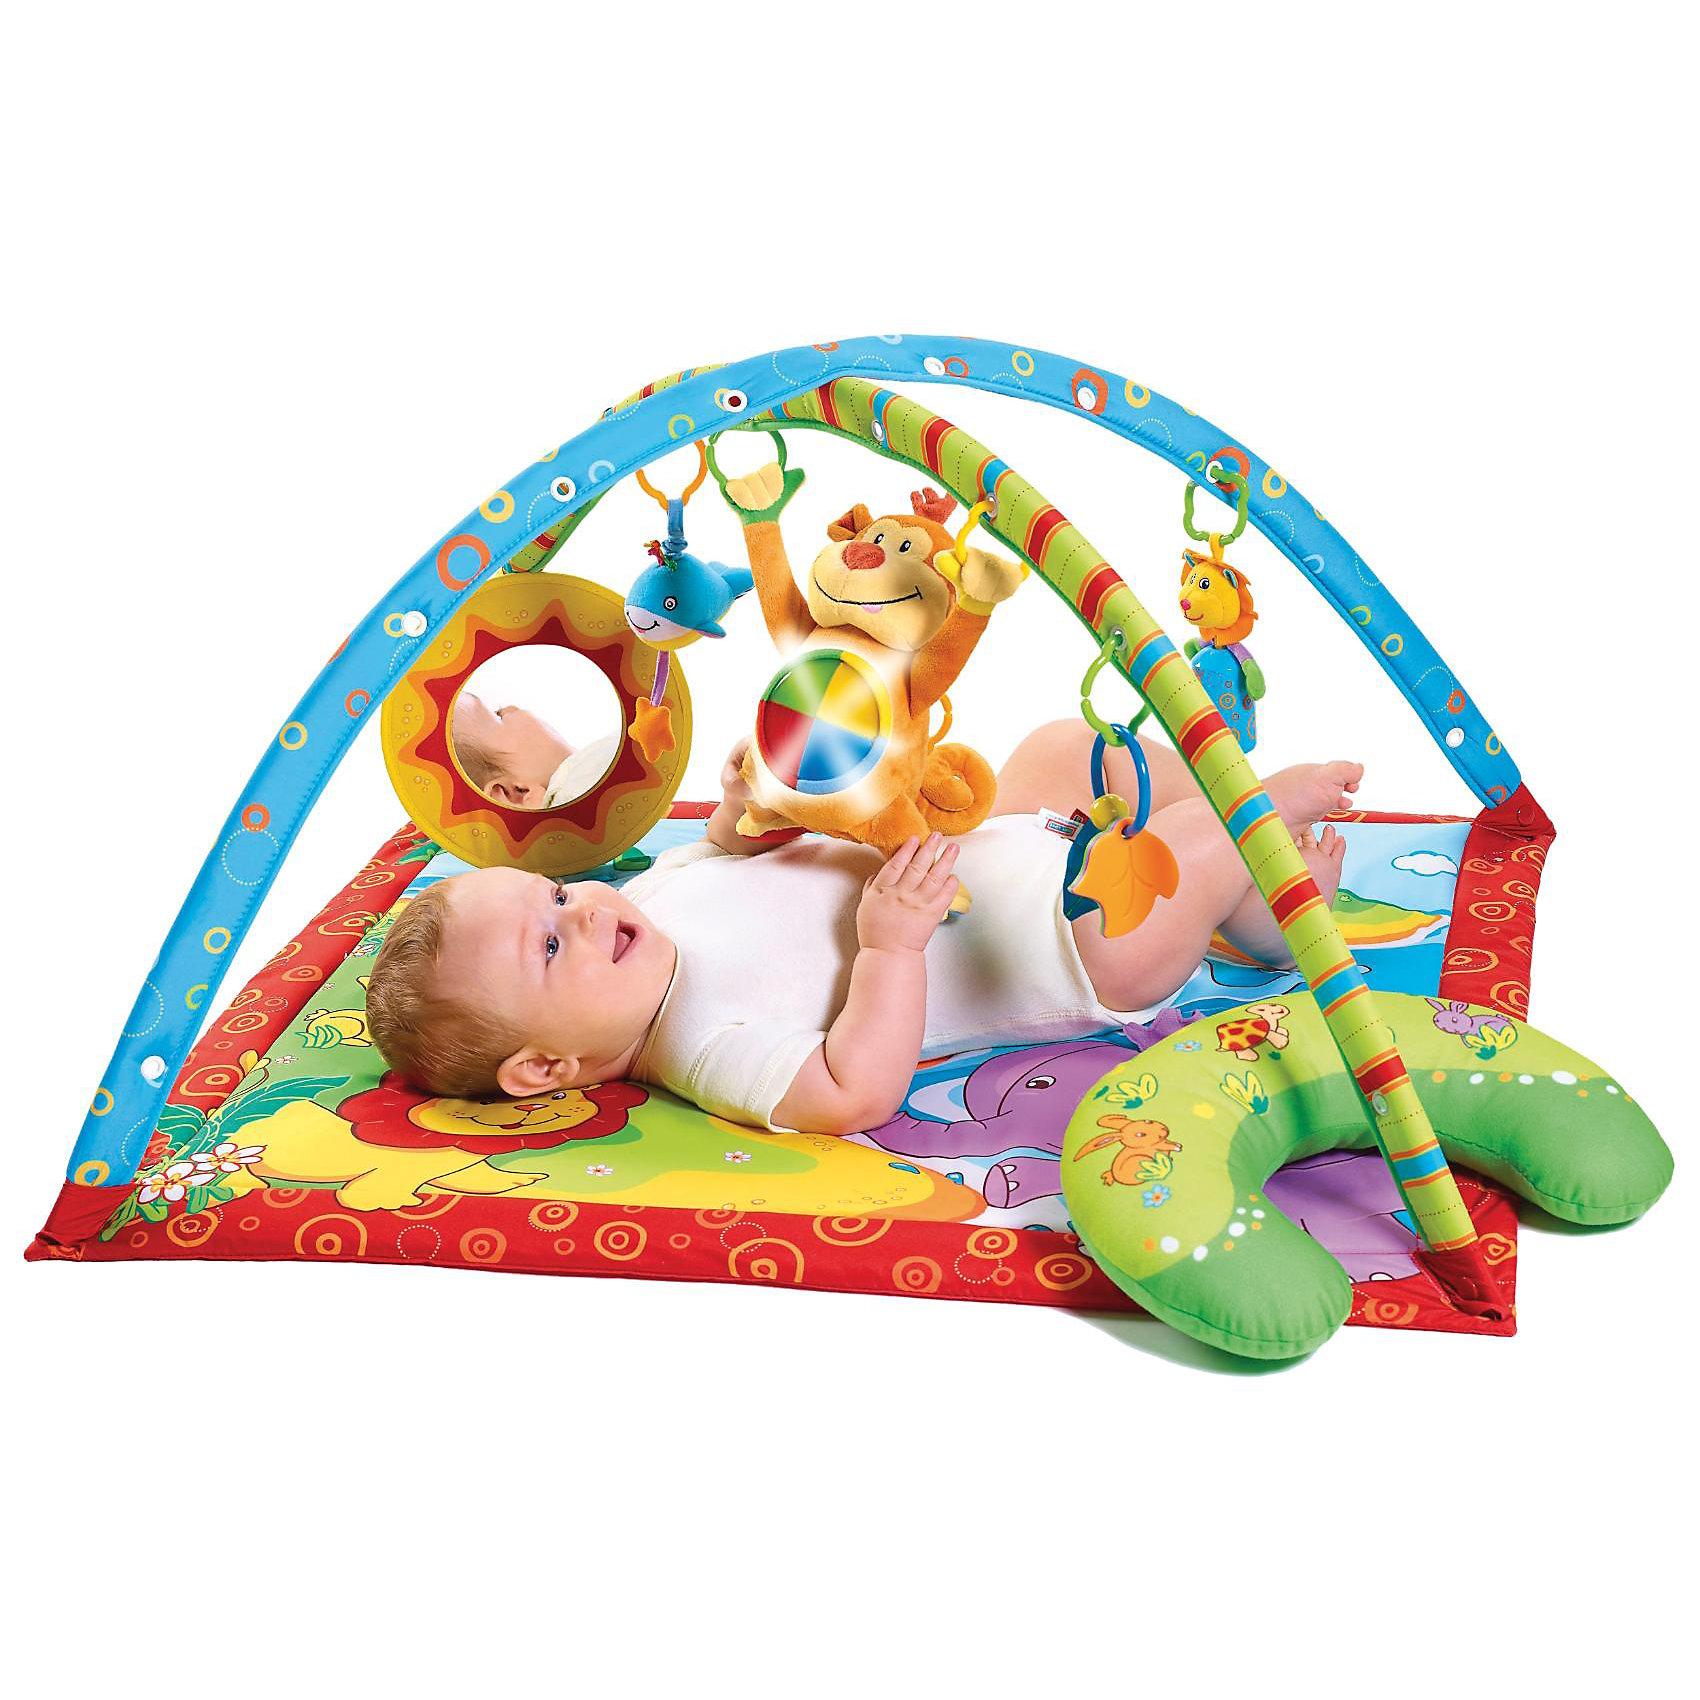 Развивающий коврик Остров поющей обезьянки, Tiny LoveЭтот игровой коврик стимулирует первое физическое, сенсорное и эмоциональное развитие вашего ребенка. Разнообразие и долгие увлекательные игры гарантированы, ведь Tiny Love (Тини Лав) Gymini Мартышкин остров предлагает – ни много ни мало – 18 вариантов развивающих игр. <br><br>Больше всего, конечно, малышу понравится обезьянка, которую он активирует сам и которая издает звуки и светится. С обезьянкой можно играть и вне коврика. Она может стать самым верным спутником малыша на прогулках в коляске или во время путешествий... <br><br>Еще один очень важный элемент – это подушка, на которую ребенок опирается, когда лежит на животе. Она дает игровому коврику еще одно измерение и способствует укреплению мышц затылка, ручек и ножек. Но и первое собственное зеркало, кукушка, лев с колокольчиком и множество других замечательных игрушек осчастливят любого малыша. <br><br>Коврик стимулирует игровую активность и целенаправленно тренирует опорно-двигательный аппарат. А если нужно будет внести еще большее разнообразие, то можно поменять местами игрушки, висящие на дугах, или повесить в петли другие, новые игрушки.<br><br>- Коврик можно стирать<br><br>- Материал поверхности и подкладки: 100% полиэфир<br><br>- Размеры: 88 x 78 см<br><br>Ширина мм: 560<br>Глубина мм: 800<br>Высота мм: 60<br>Вес г: 1245<br>Возраст от месяцев: 0<br>Возраст до месяцев: 36<br>Пол: Унисекс<br>Возраст: Детский<br>SKU: 1856269